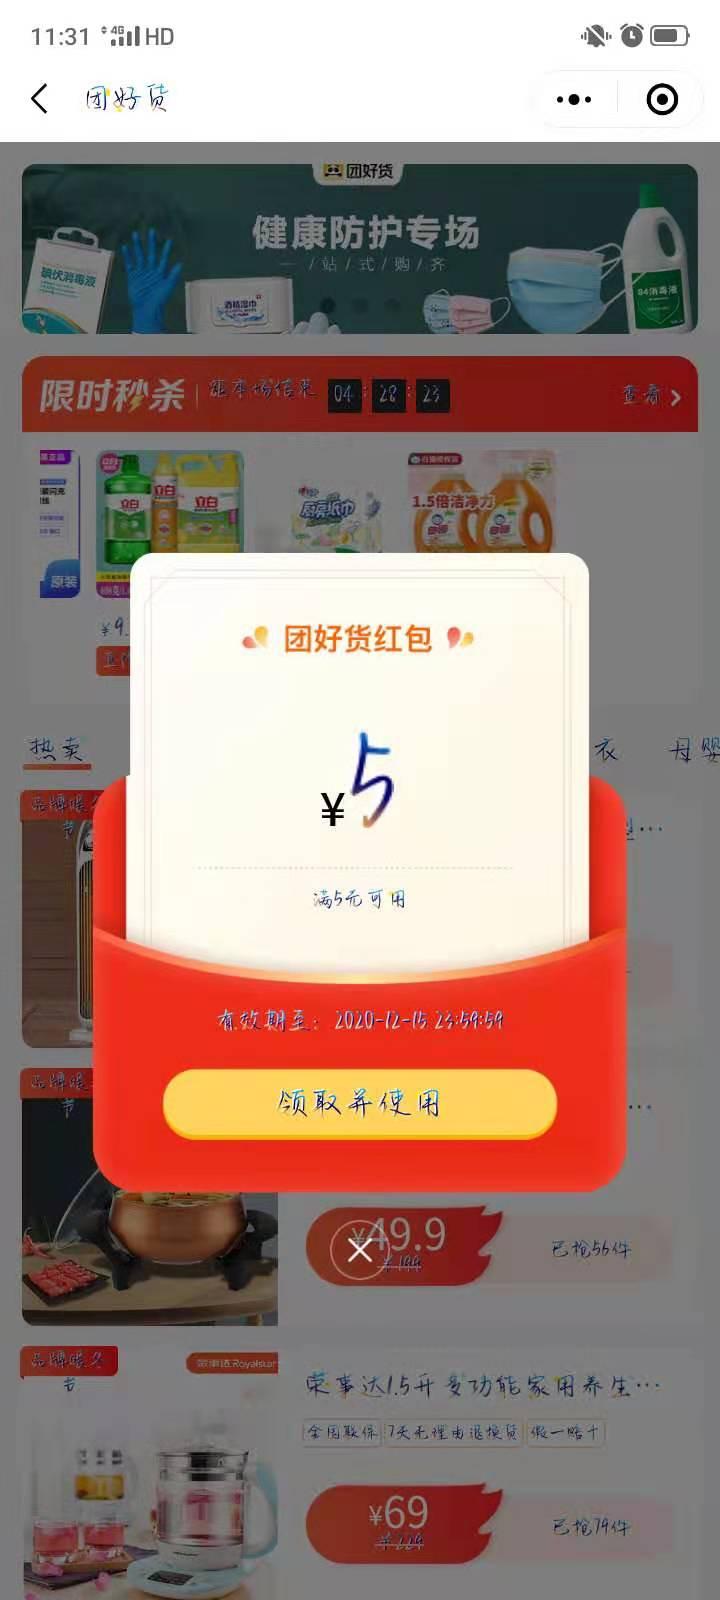 【实物专区】美团团购0.01元撸实物-聚合资源网